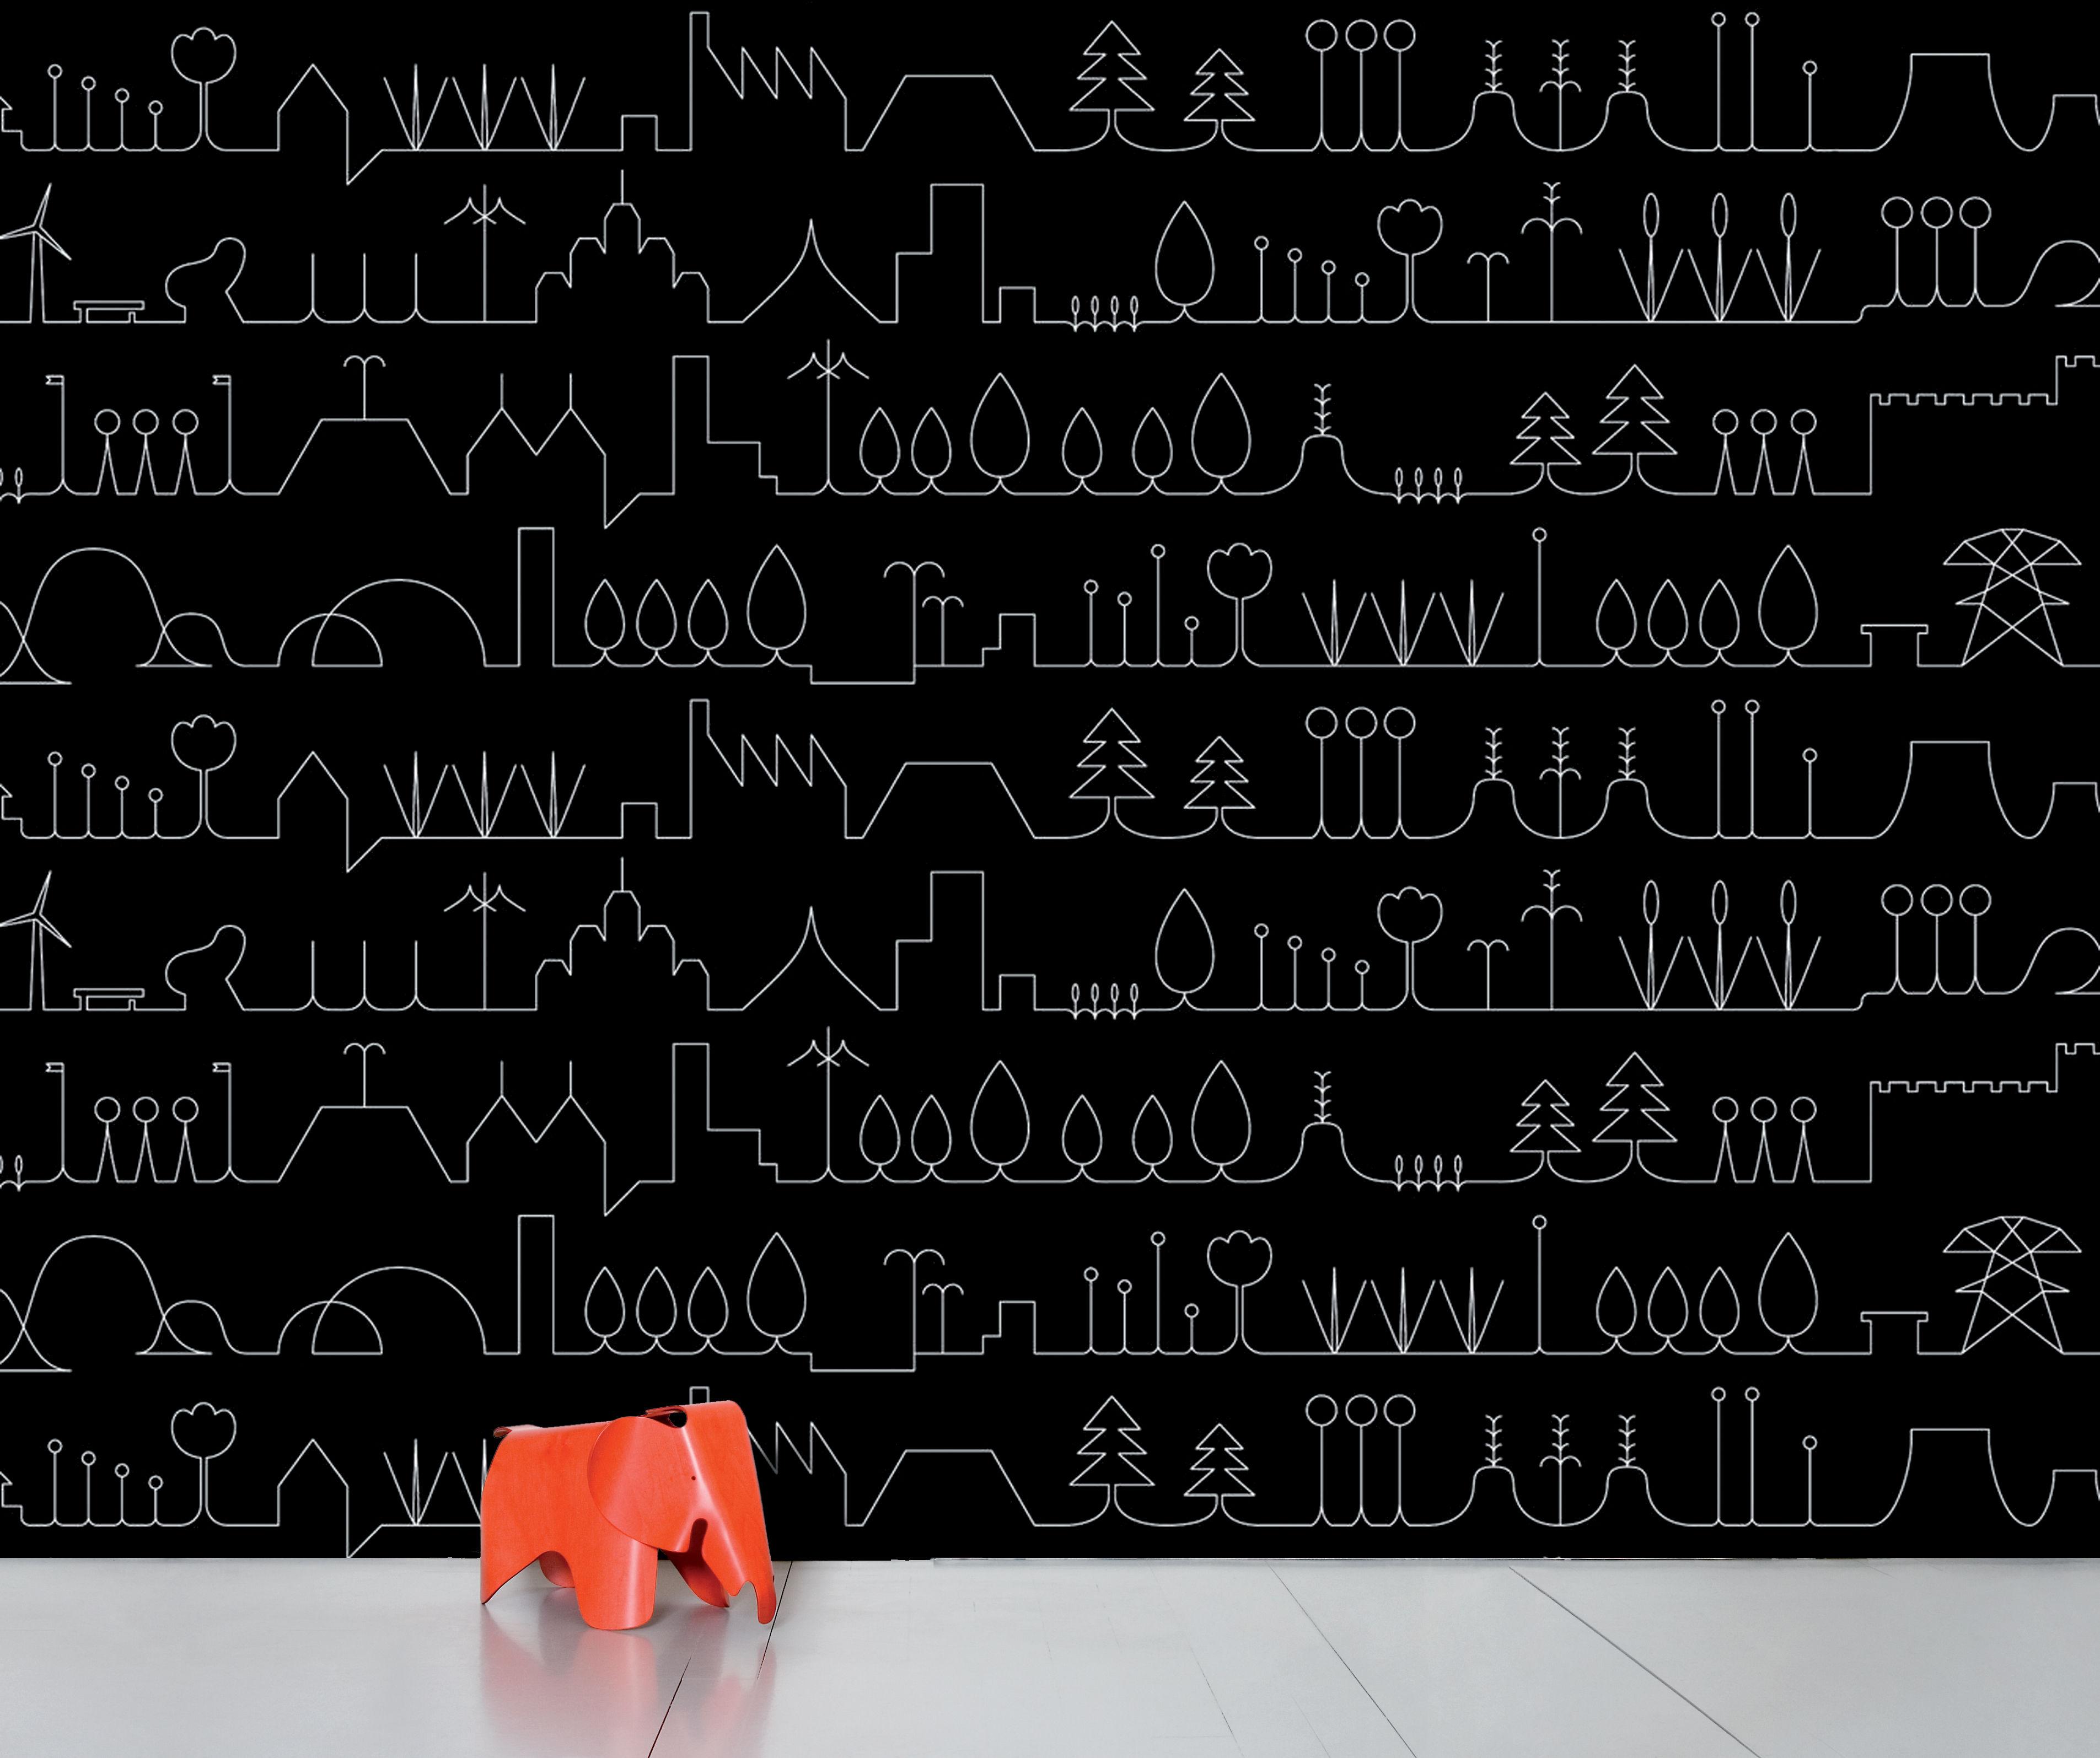 Dekoration - Stickers und Tapeten - WallpaperLab Promenade Panorama-Tapete / 8 Bahnen - limitierte Auflage - Domestic - Promenade / schwarz & weiß - imprägniertes Papier